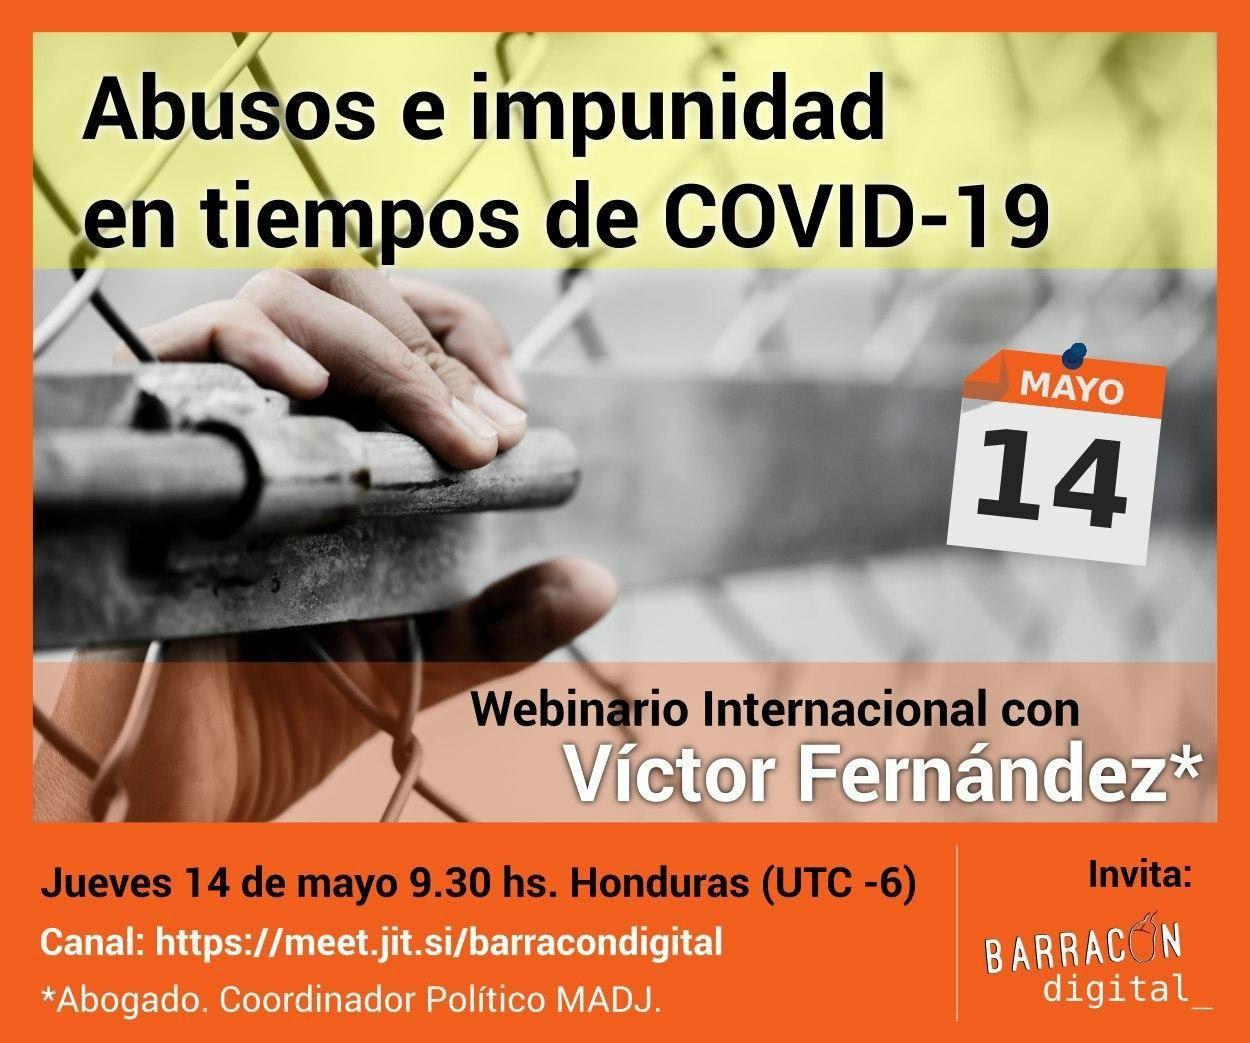 Webinar Internacional: Abusos e impunidad en tiempos de COVID-19